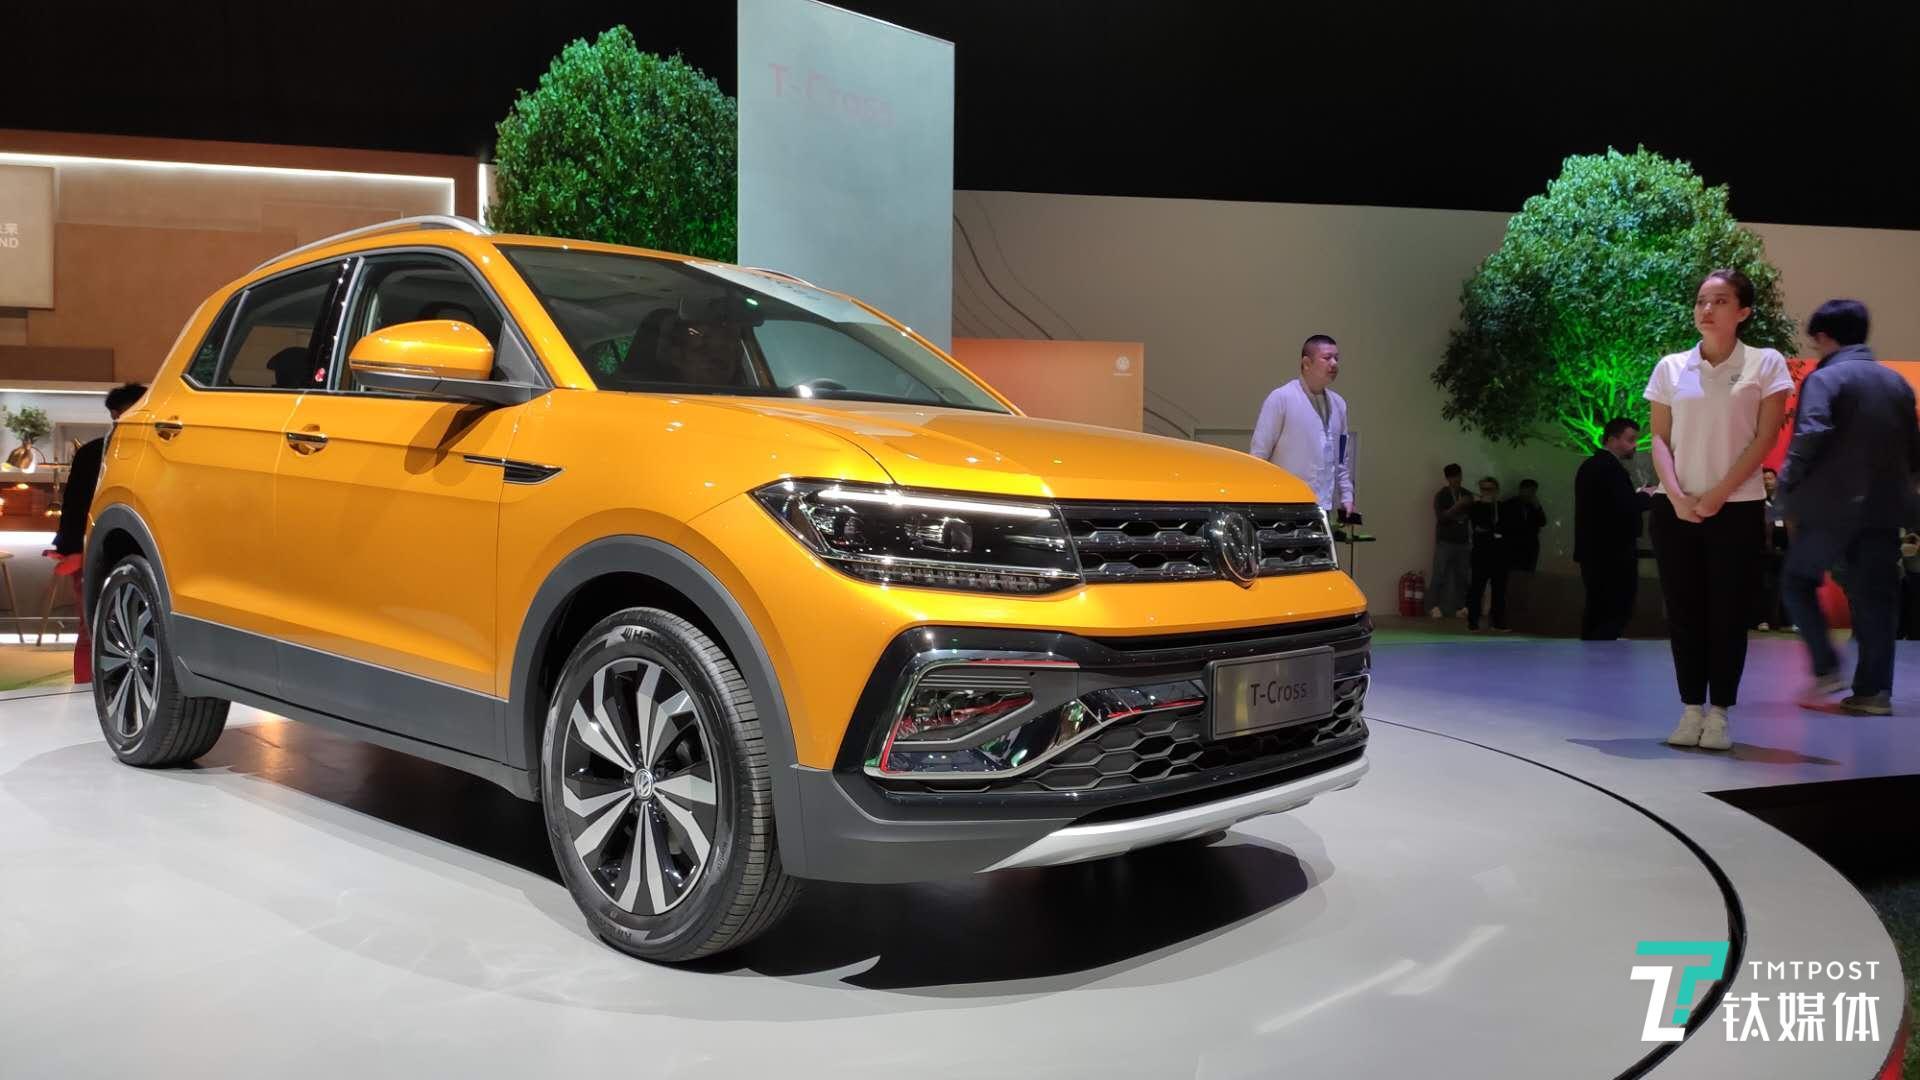 大众布局智能汽车领域,首发5款新SUV车型| 一线车讯